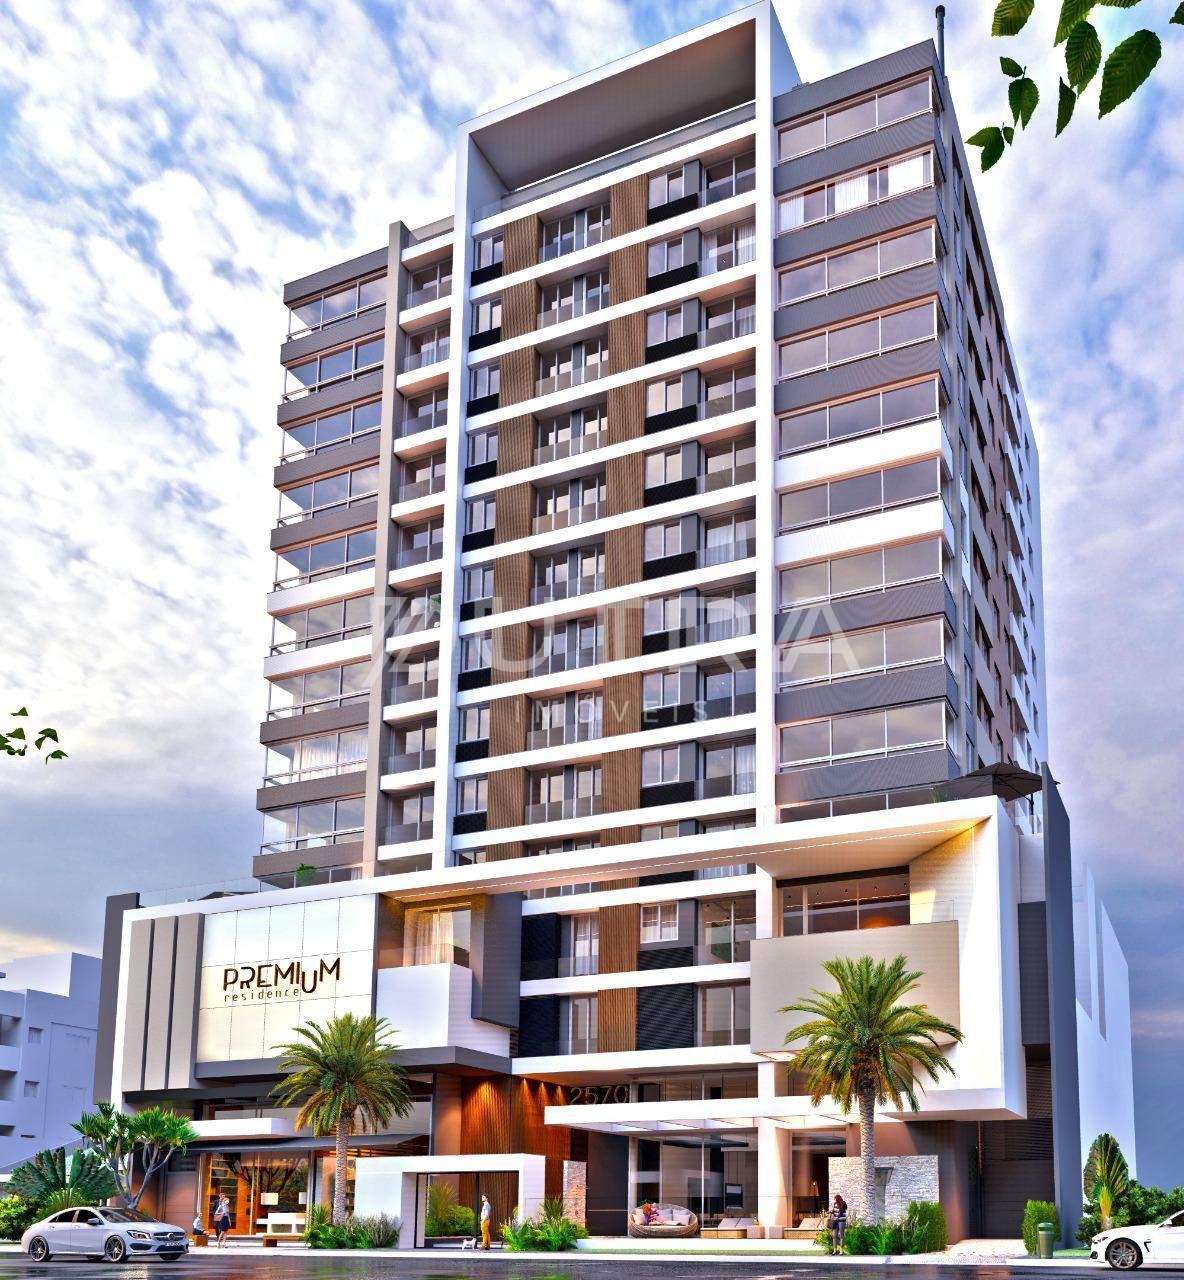 Premium Residence em Capão da Canoa | Ref.: 1037